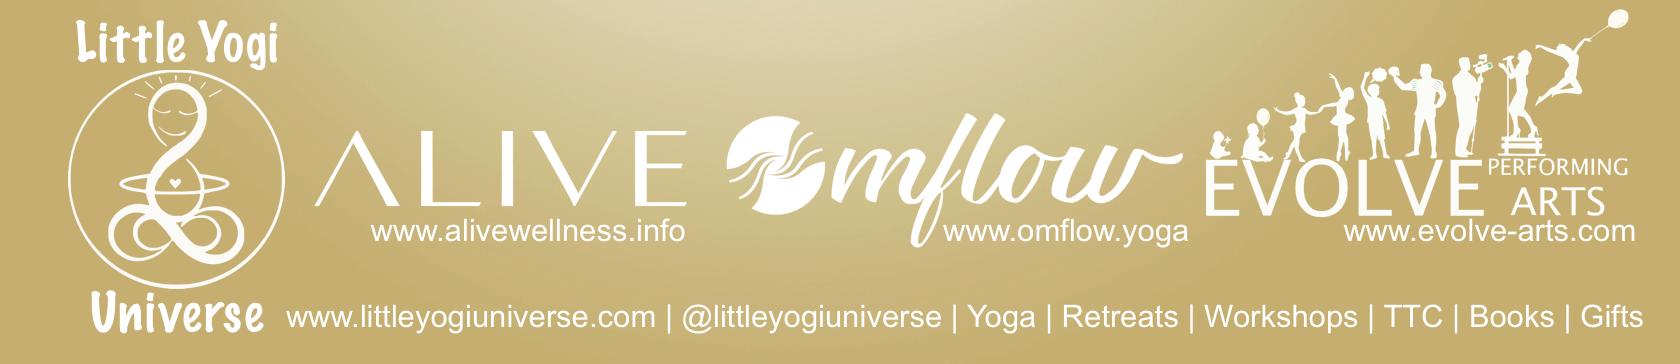 Littleyogi email signature